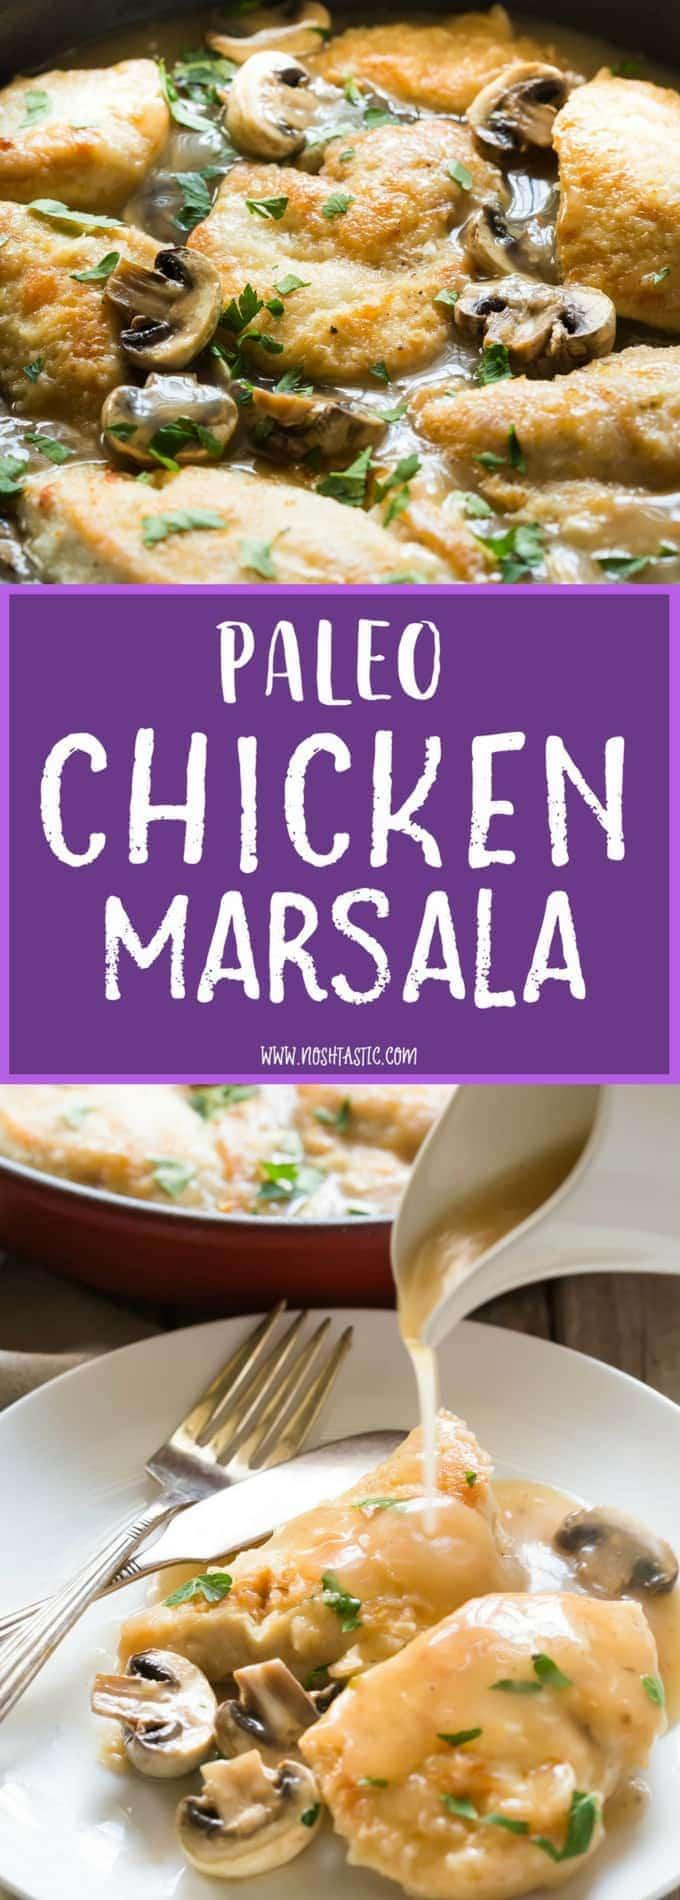 Paleo chicken marsala in 30 minutes - Olive garden chicken marsala calories ...